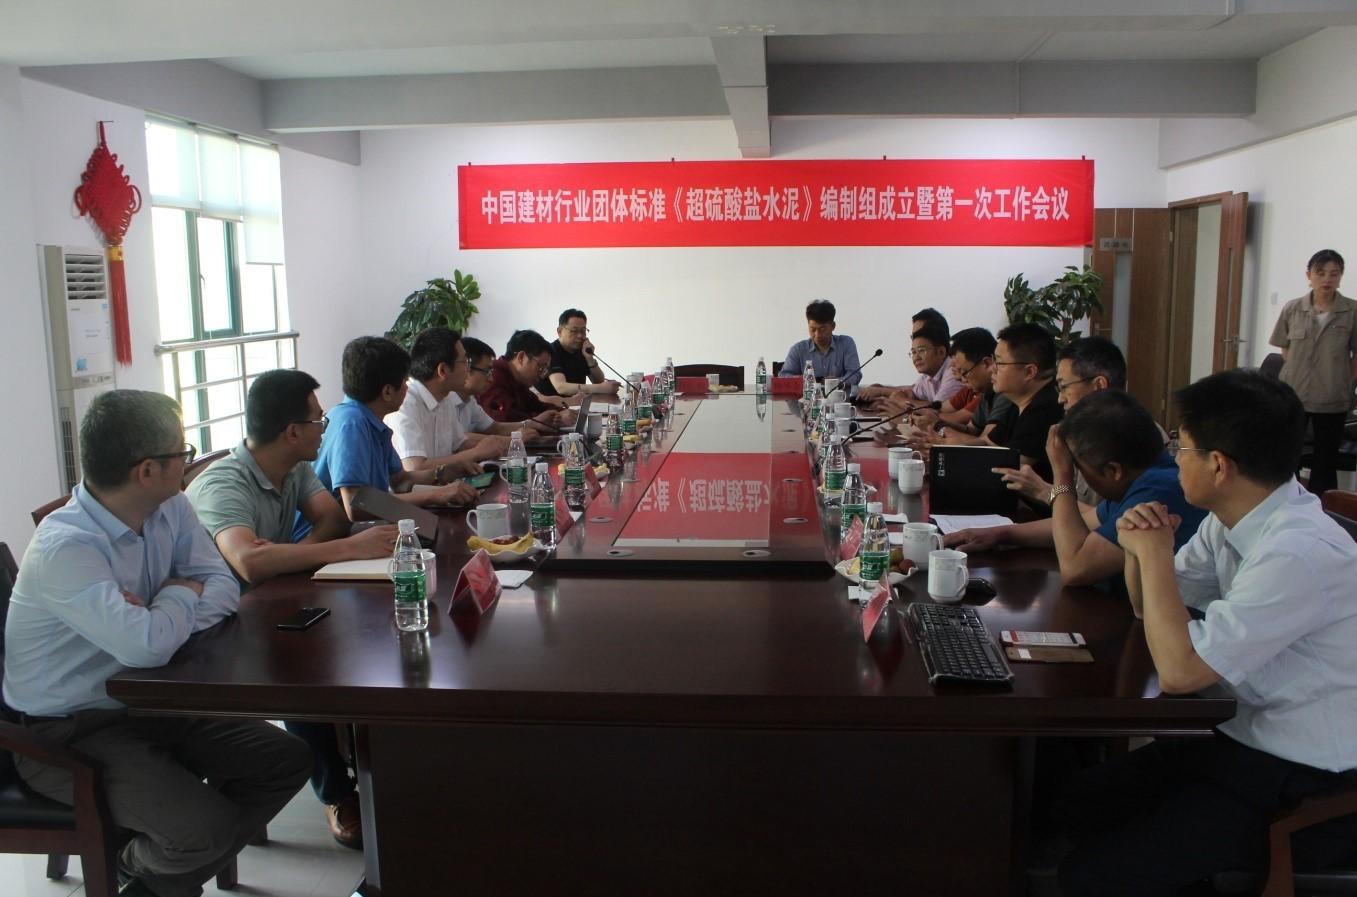 中国建材行业标准《钛betway必威体育官网平台》《超硫酸盐水泥》编制组成立暨第一次工作会议在我司召开